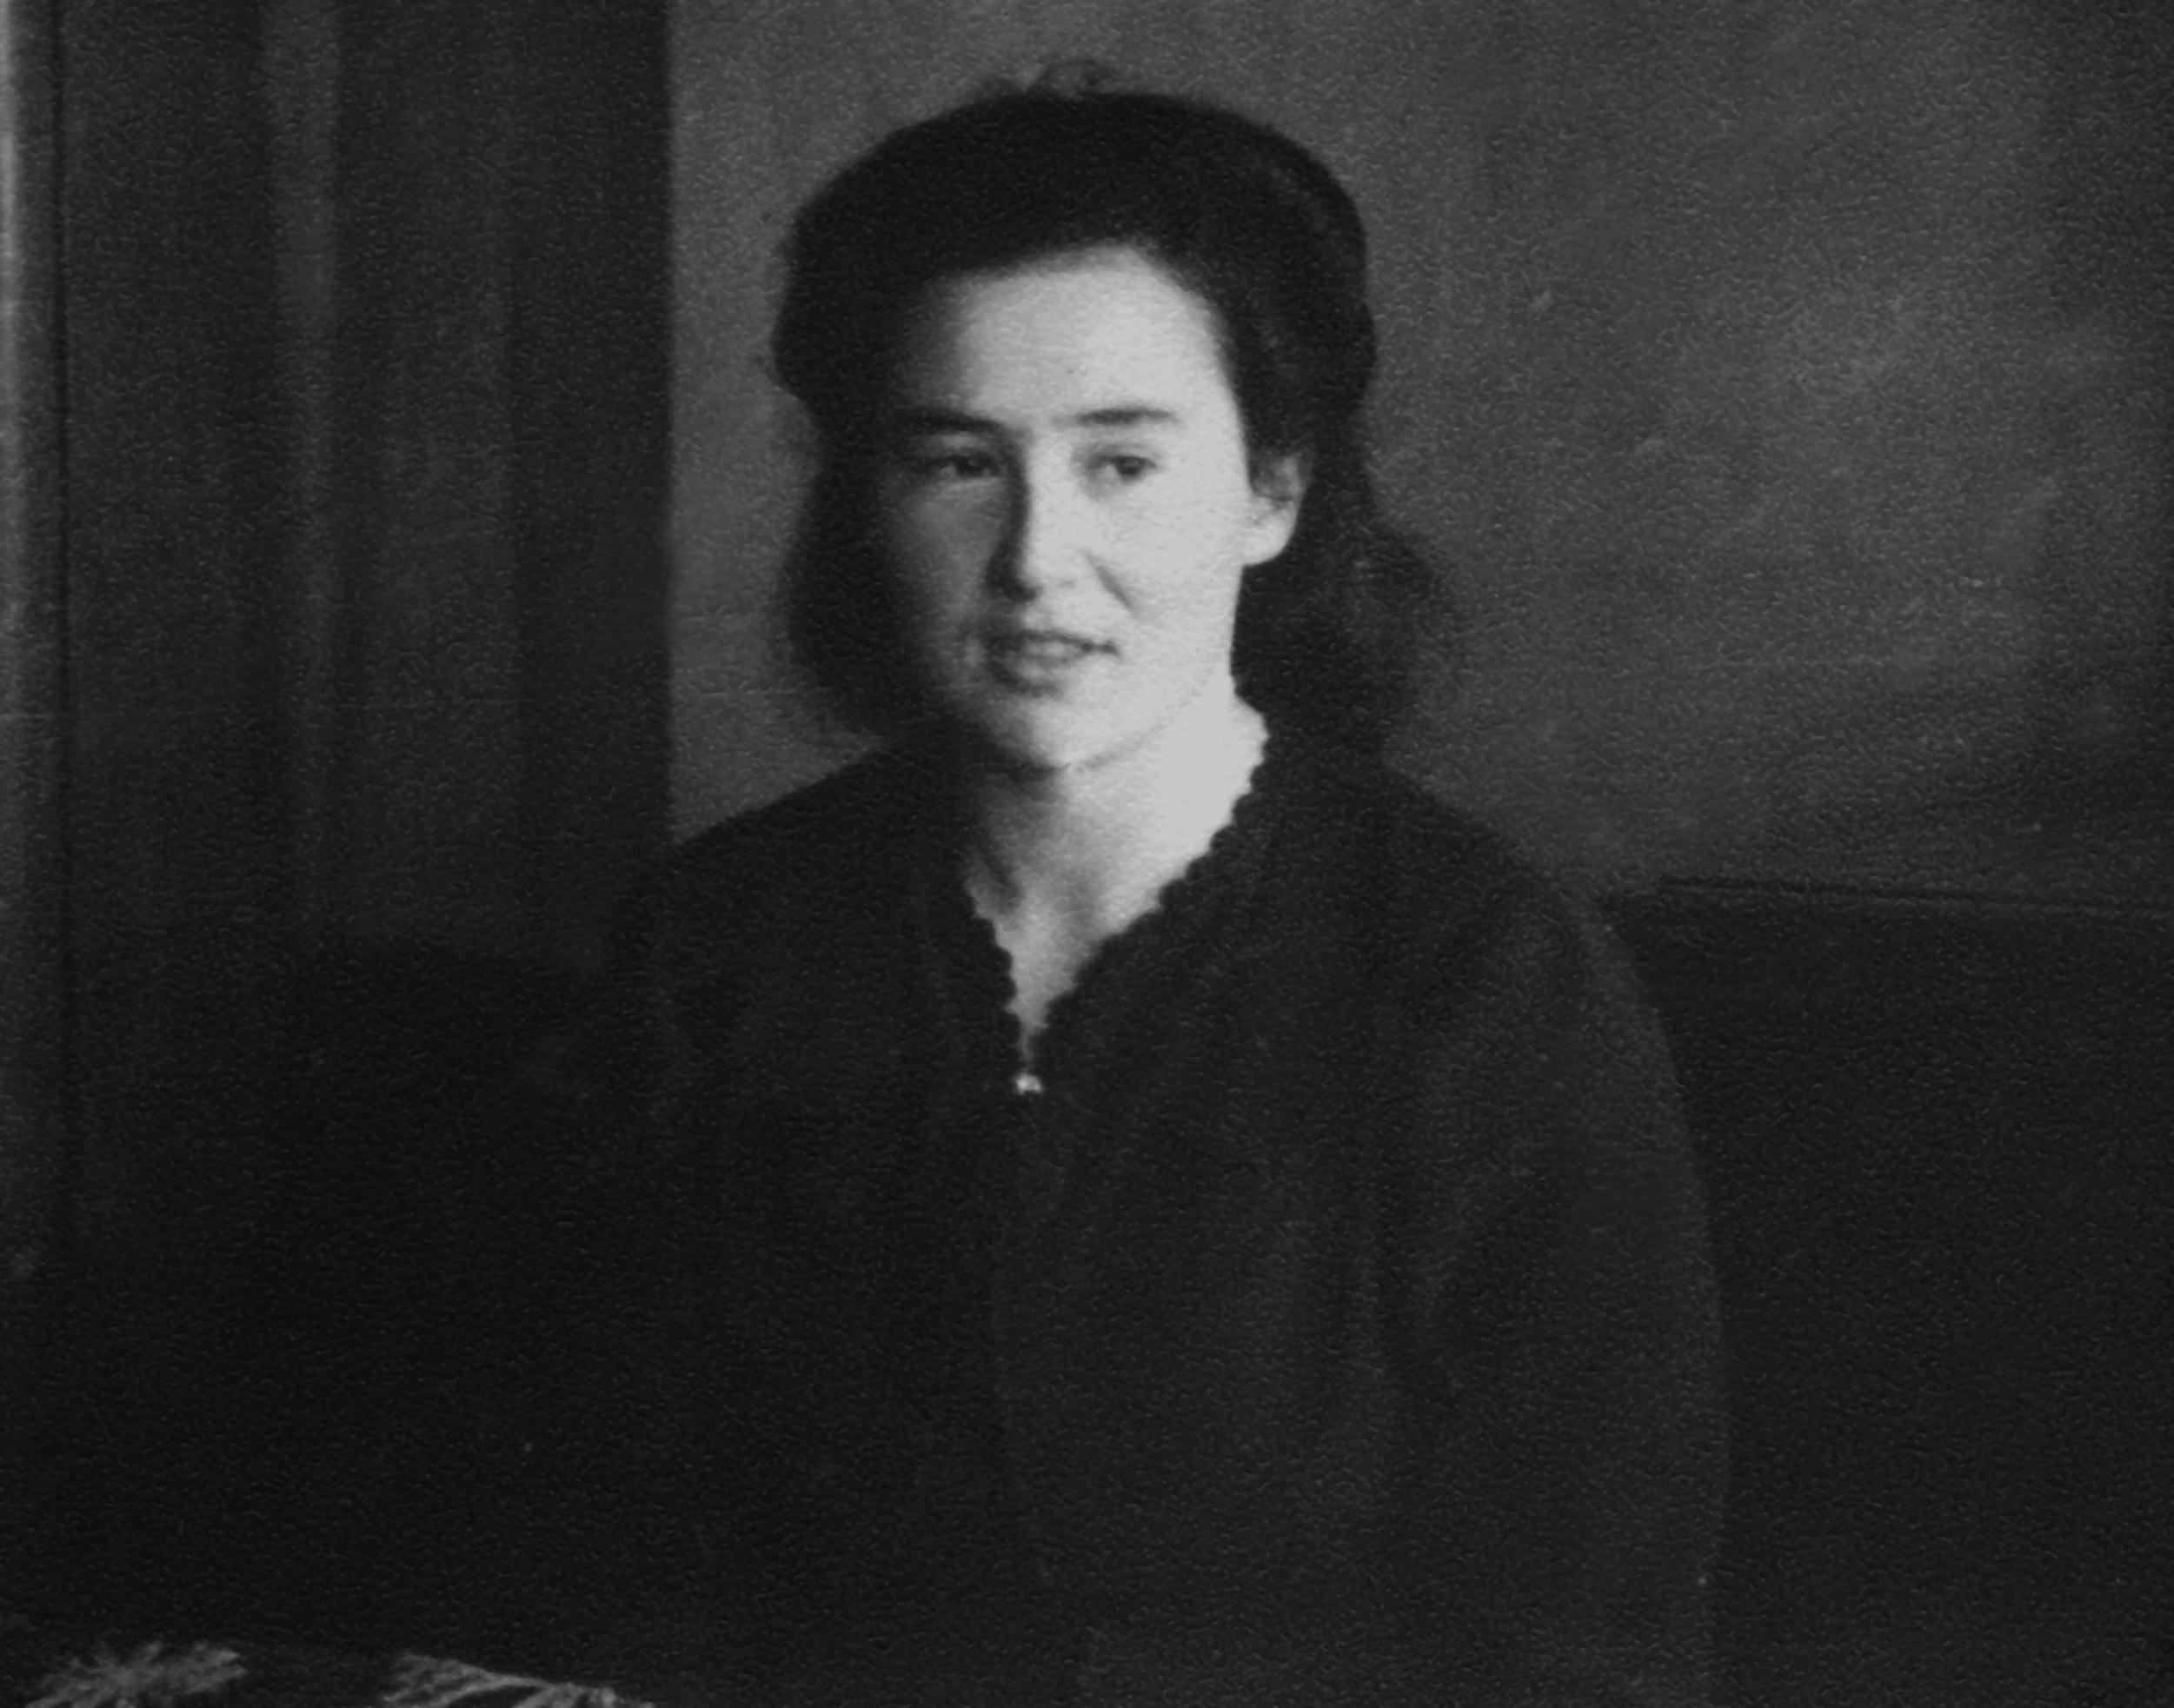 """Cipora Zimanaitė – """"Stasė"""". Kitoje nuotraukos pusėje užrašyta """"Stasė – Aldonai. 1945 02 18."""""""